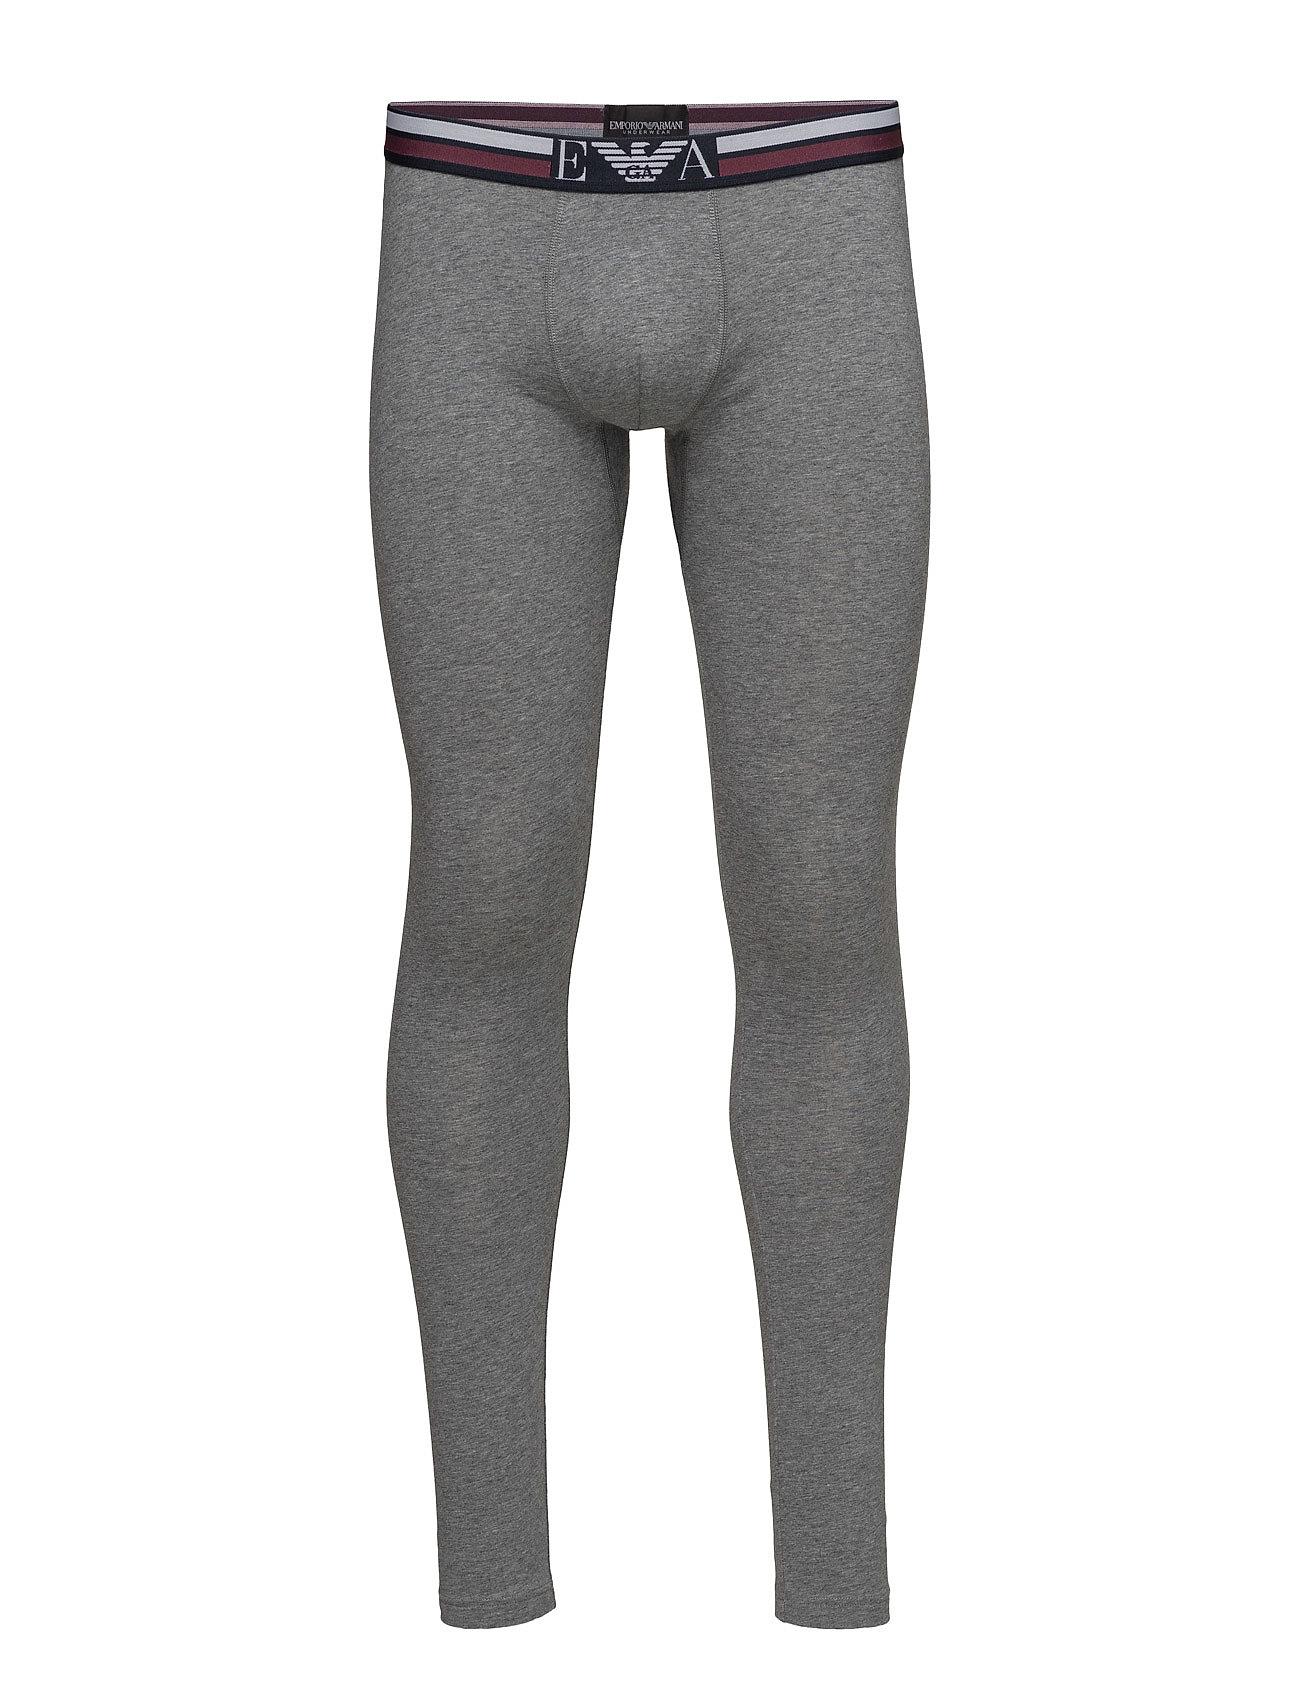 Men's knit leggings fra emporio armani på boozt.com dk